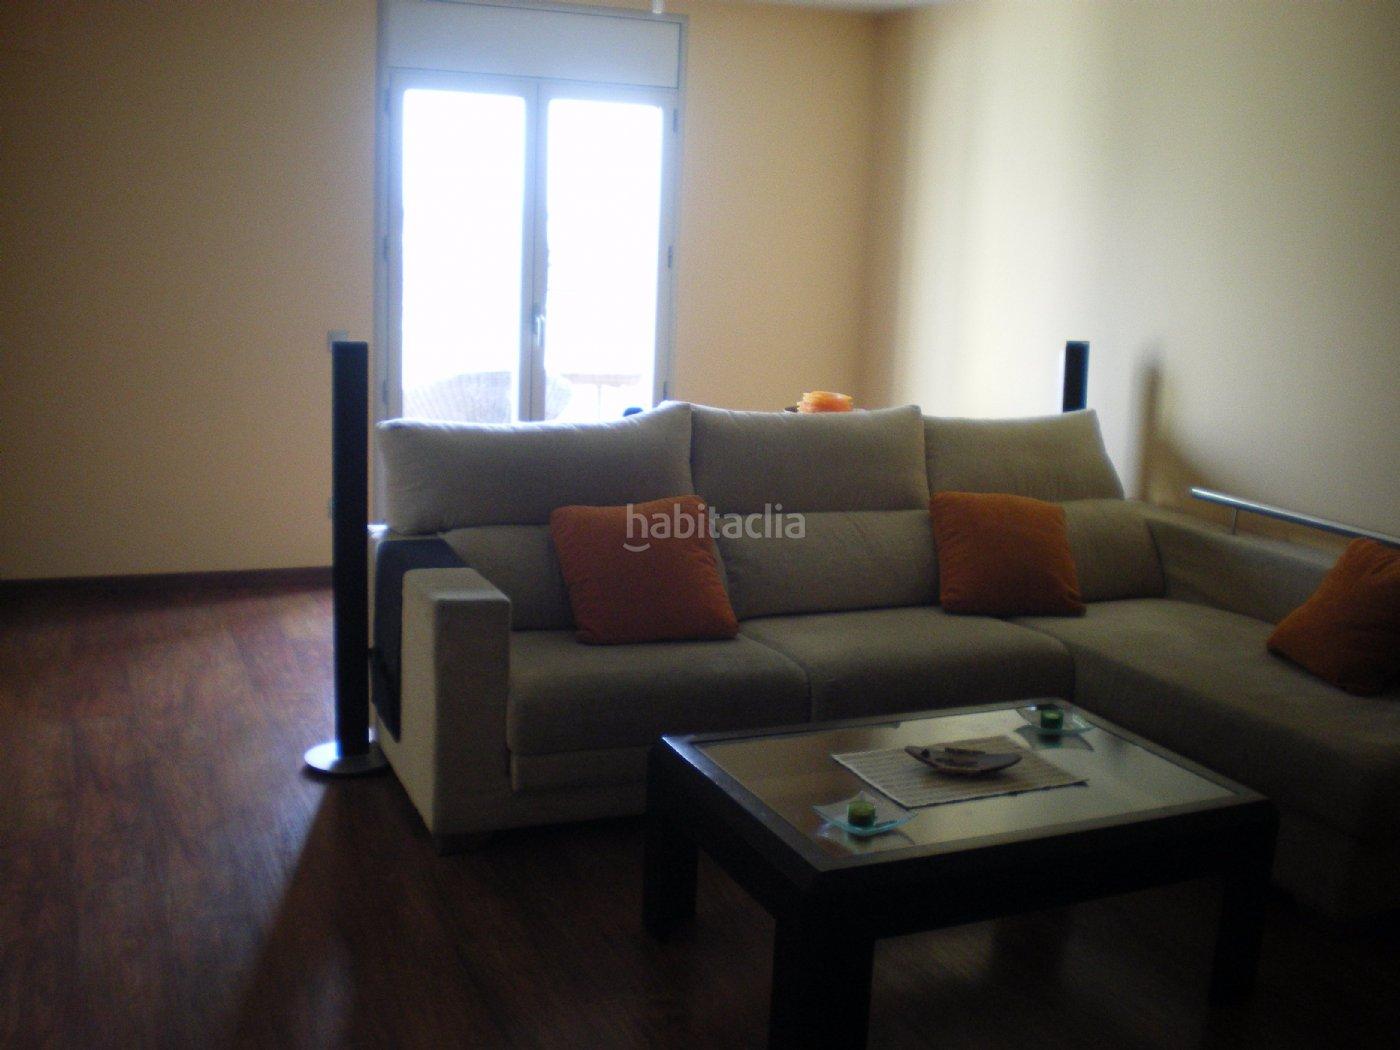 Alquiler piso por 545 en cam montserrat en alquiler o for Alquiler pisos guipuzcoa 500